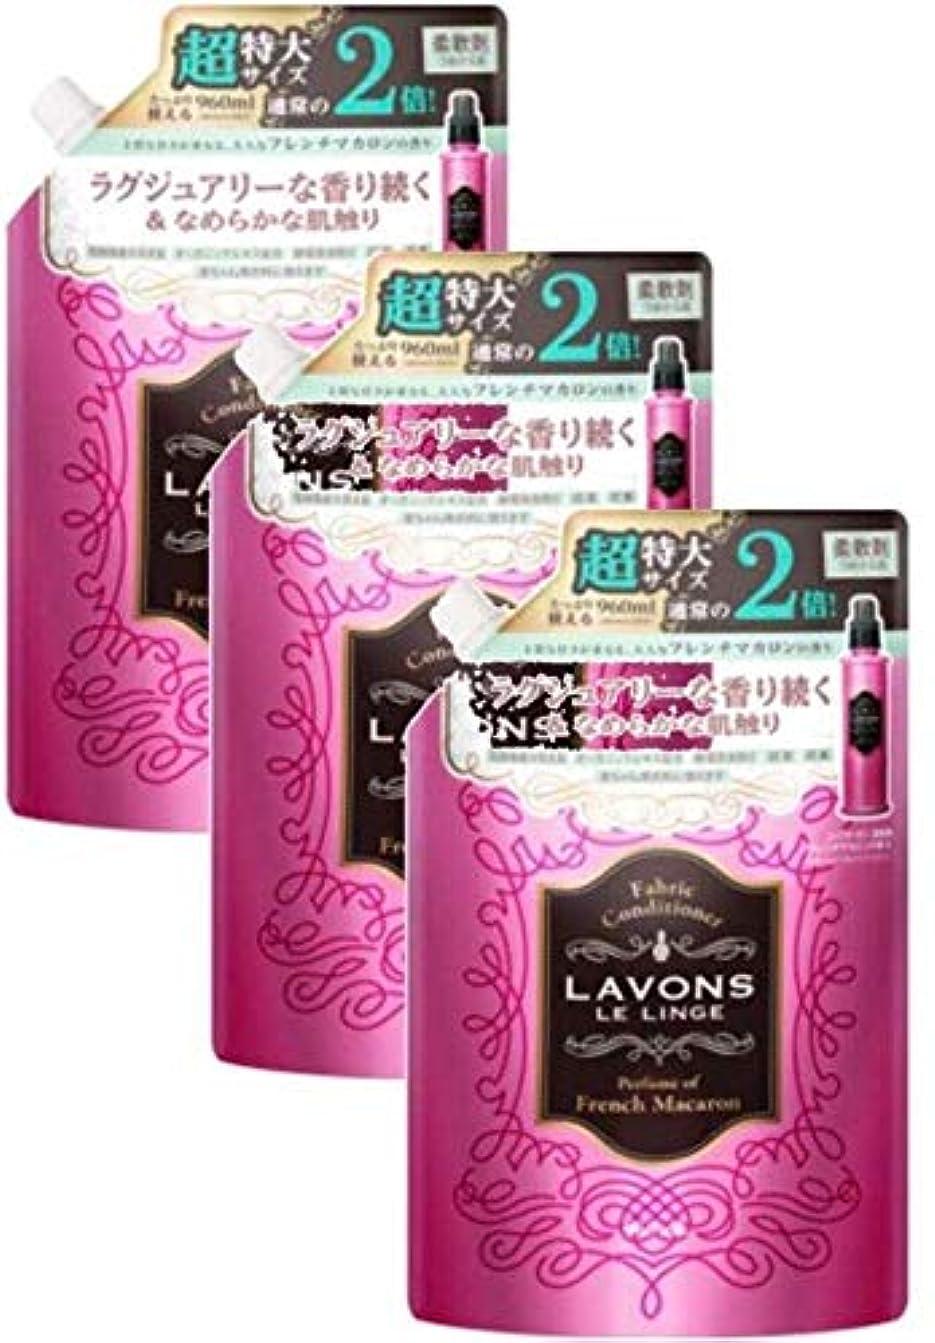 乳剤ジェム検出ラボン 柔軟剤 大容量詰め替え用 フレンチマカロン3個セット